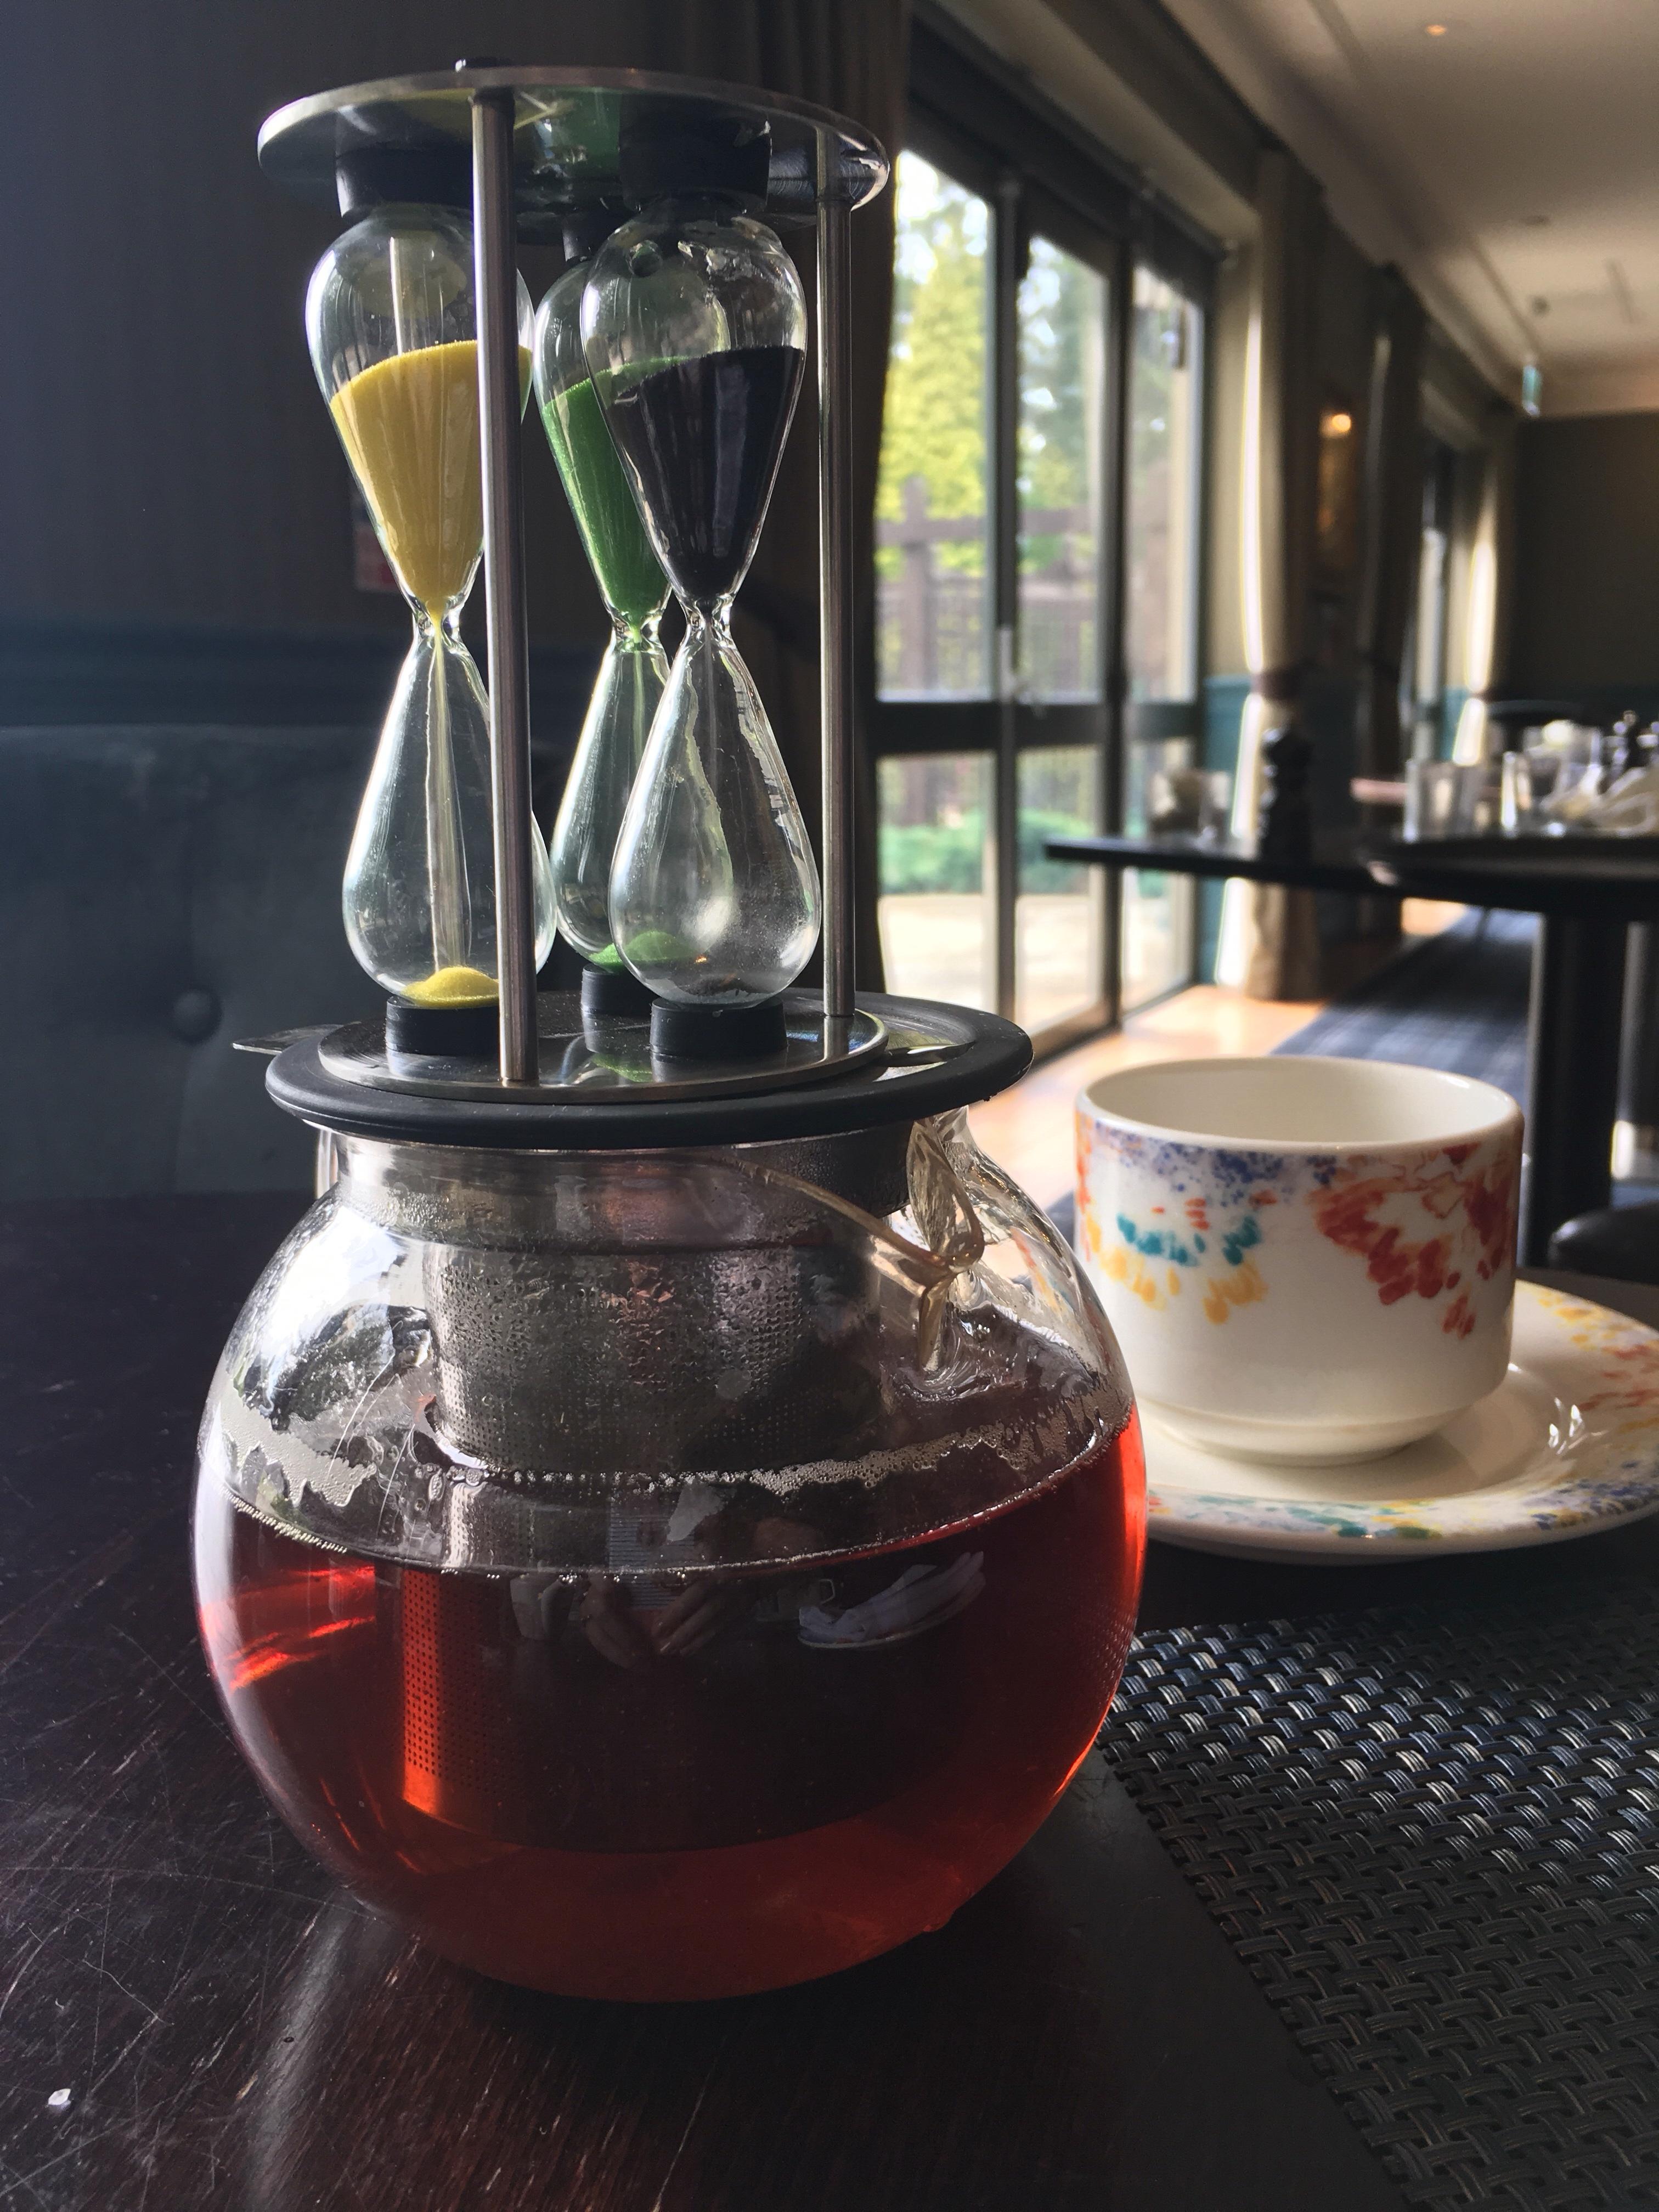 Steve's tea